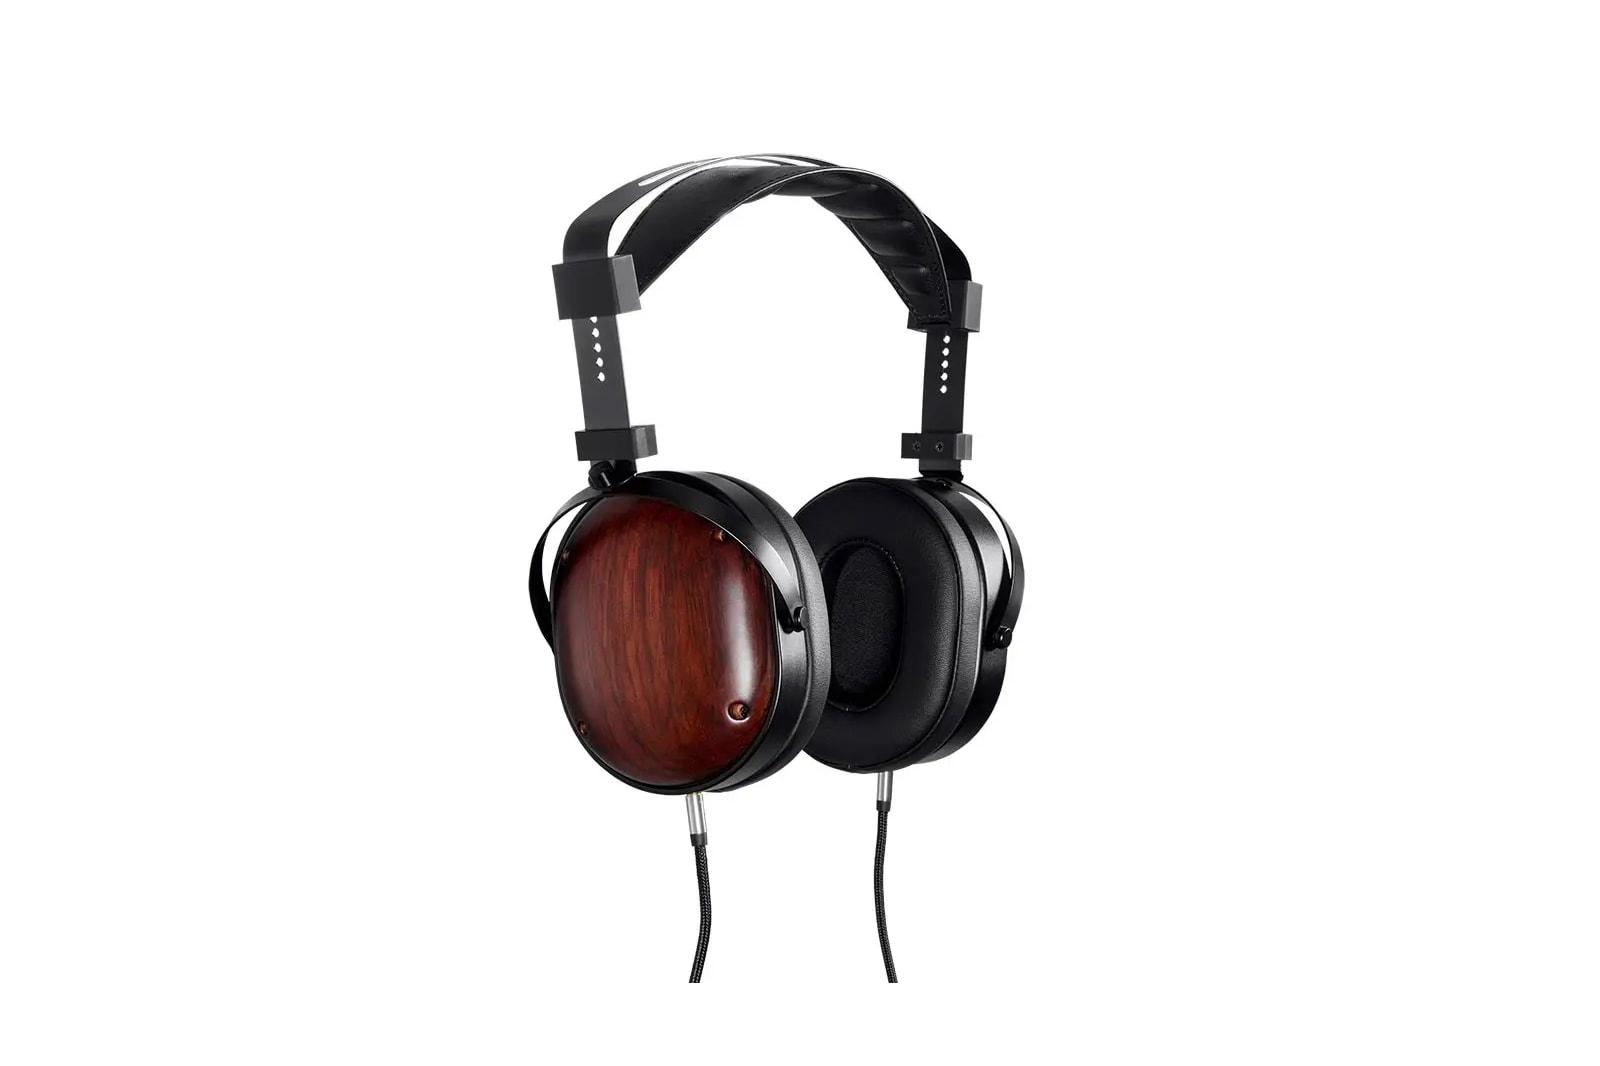 monolith headphones